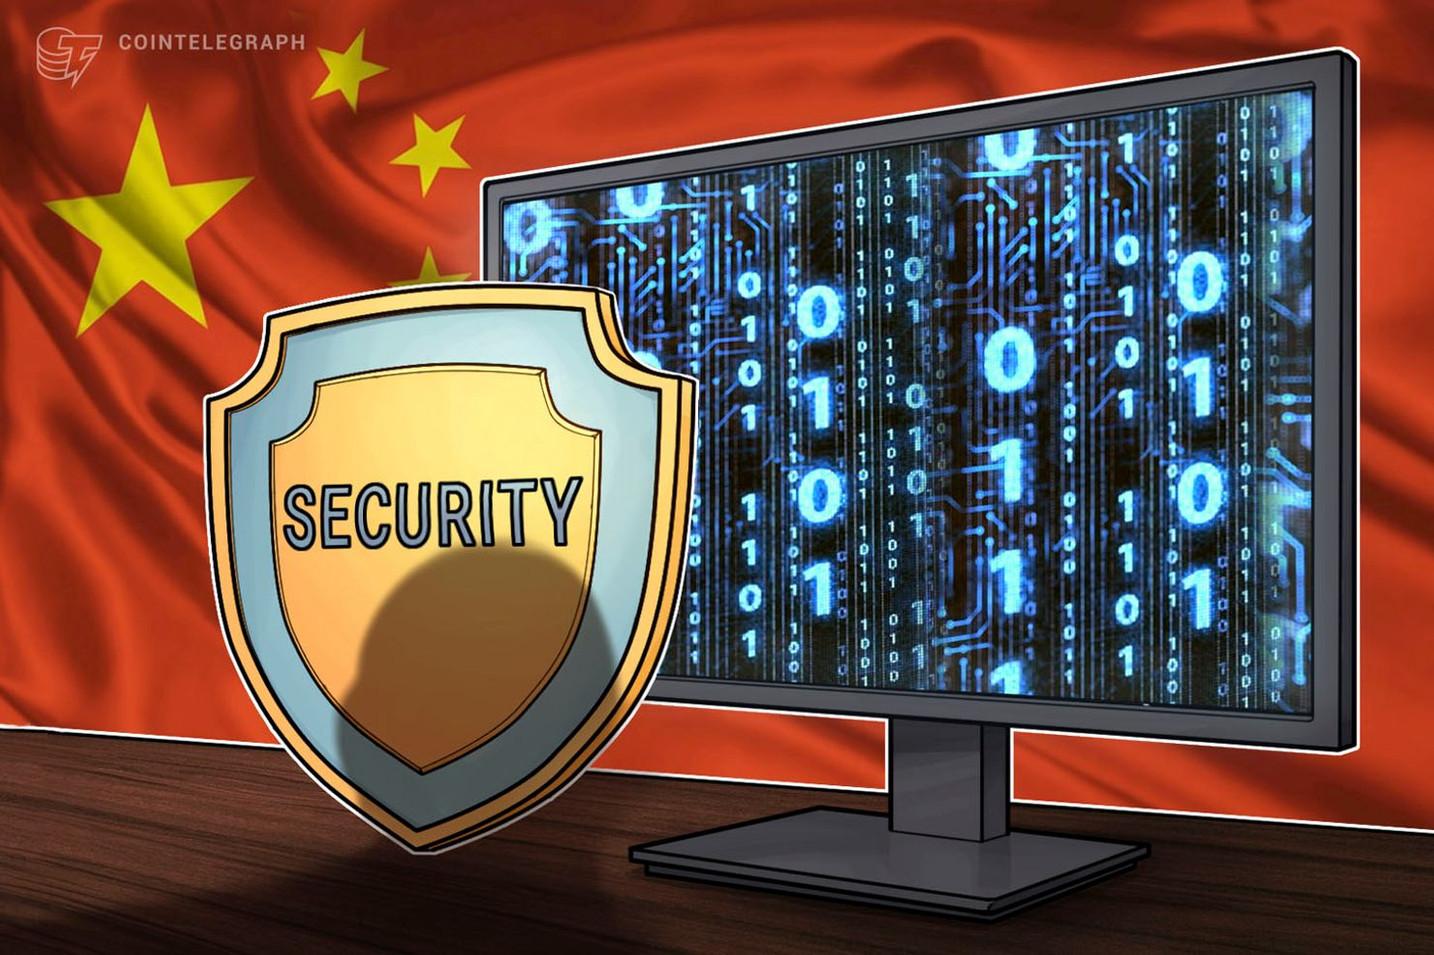 ブロックチェーン技術の促進に力を注ぐ中国、初のセキュリティ技術検査センター設立へ